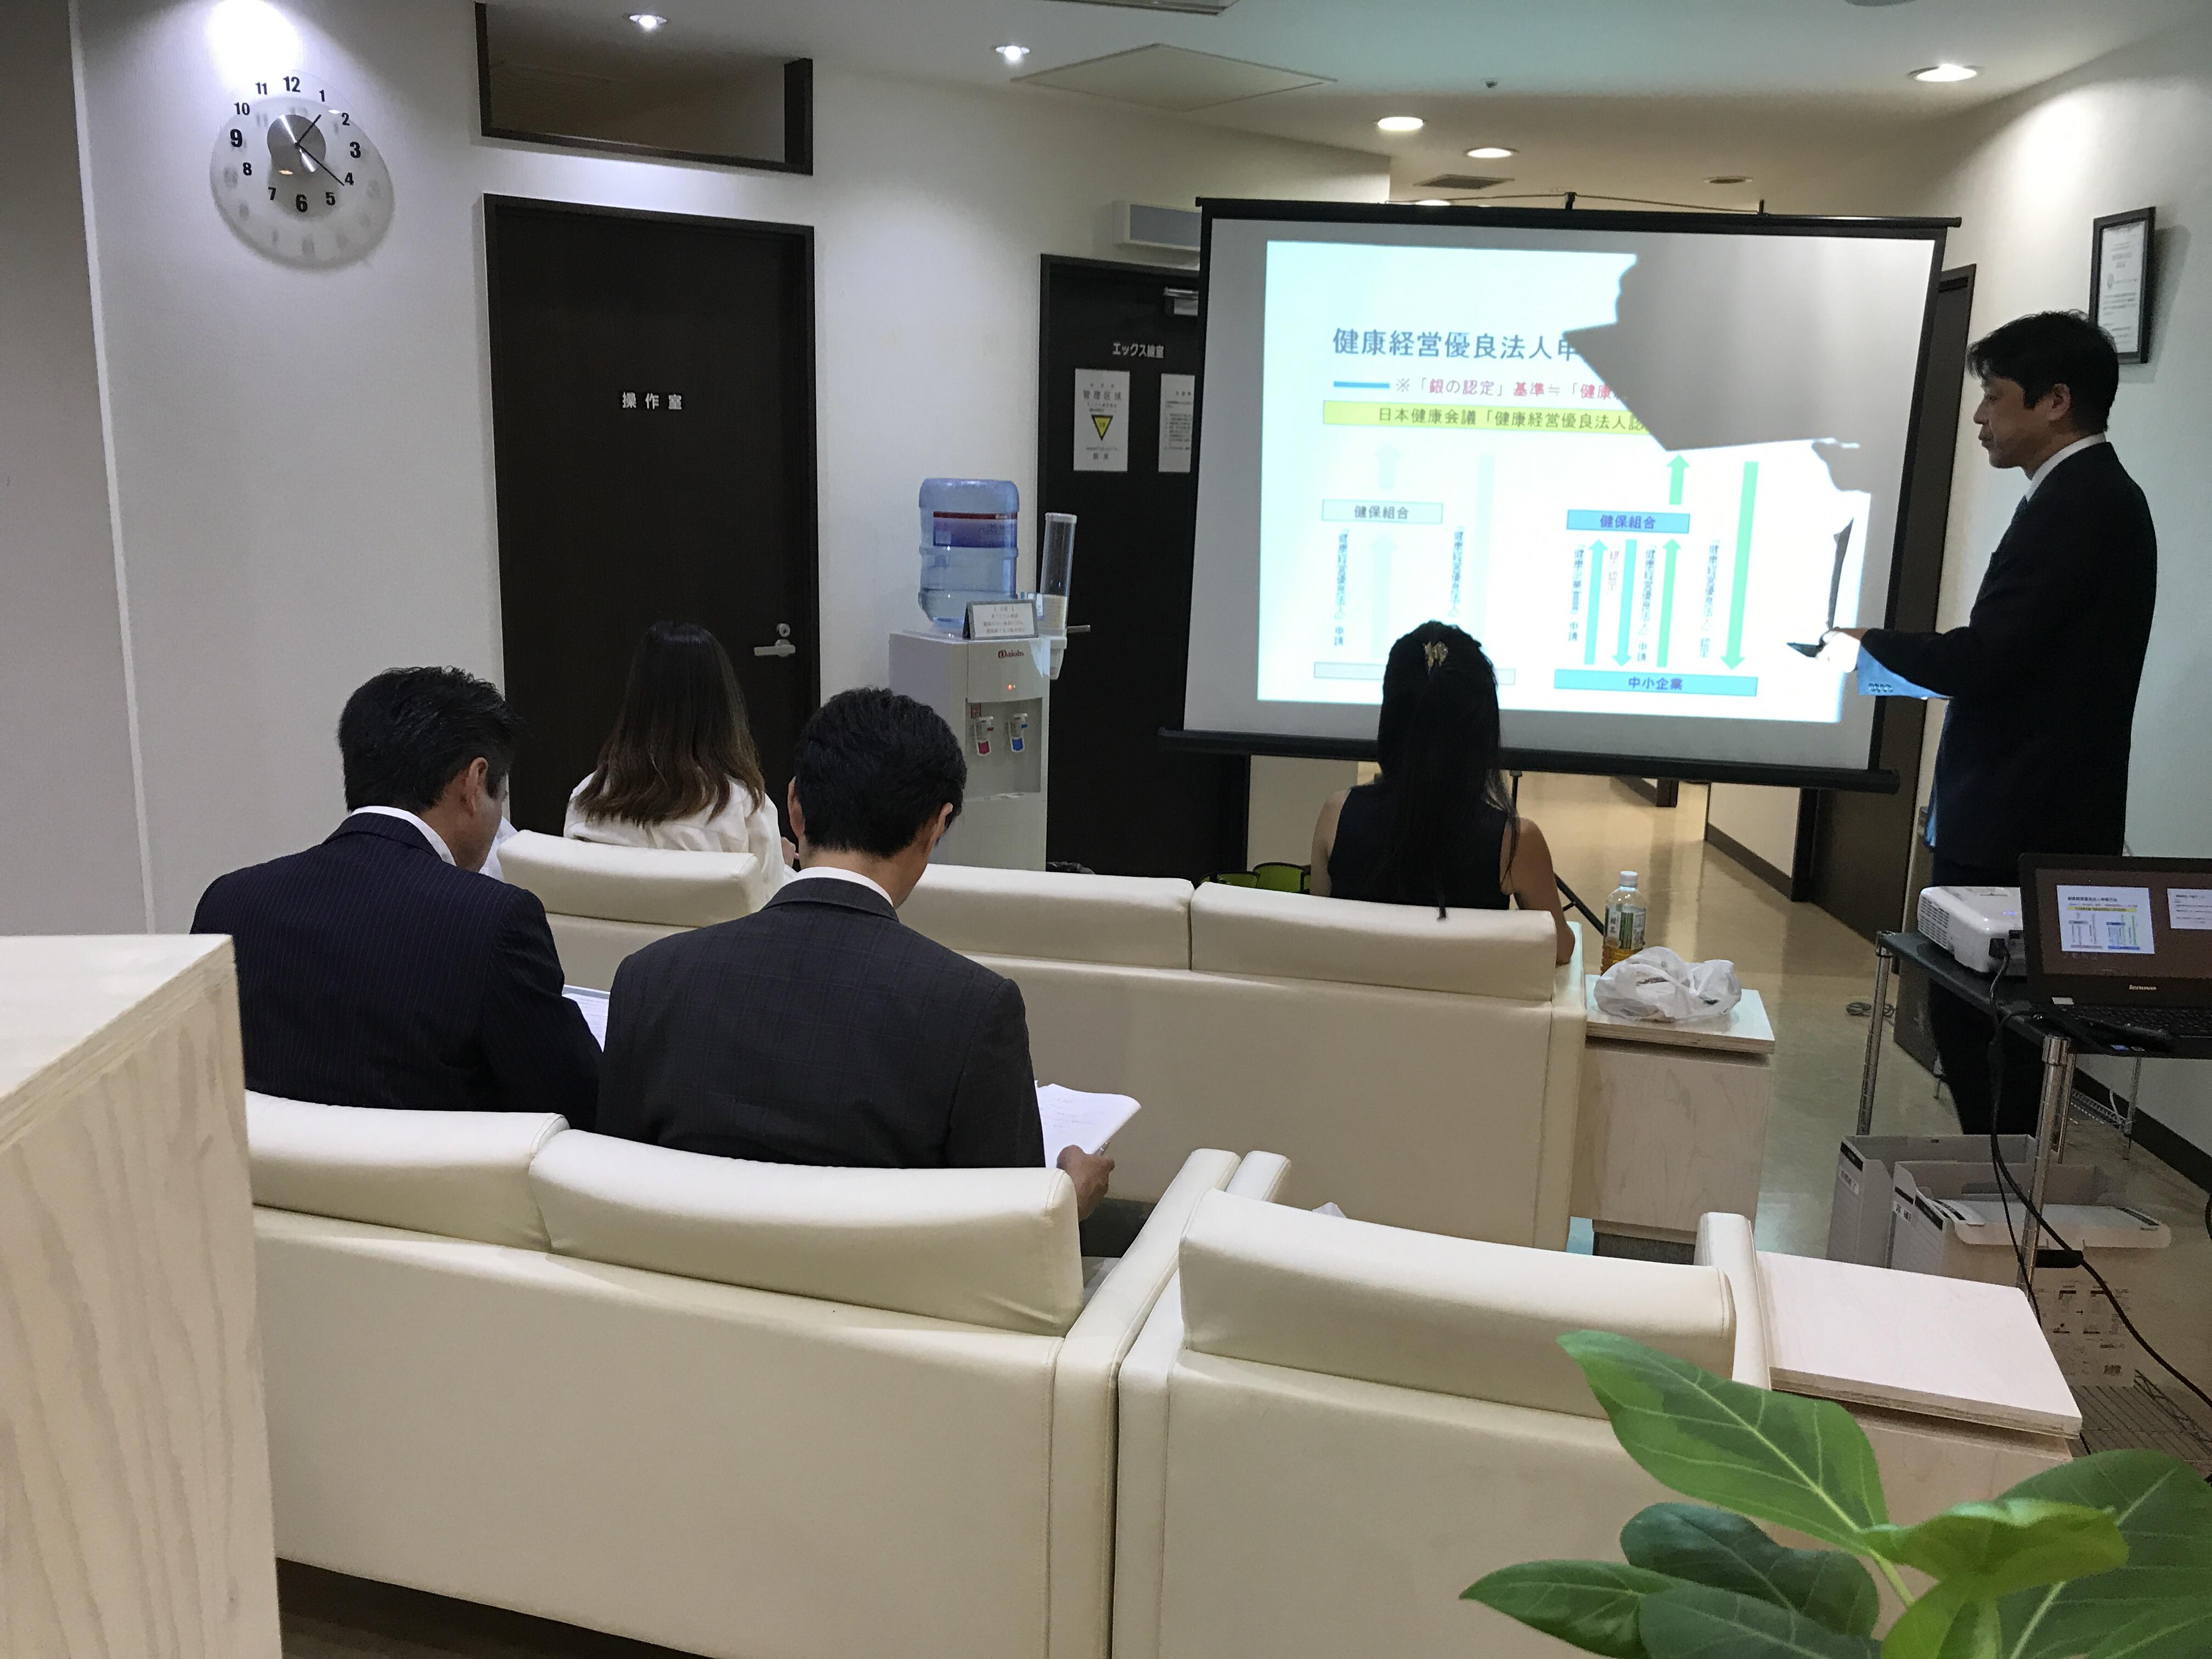 【10月25日】健康経営スタートアップセミナー開催のご報告